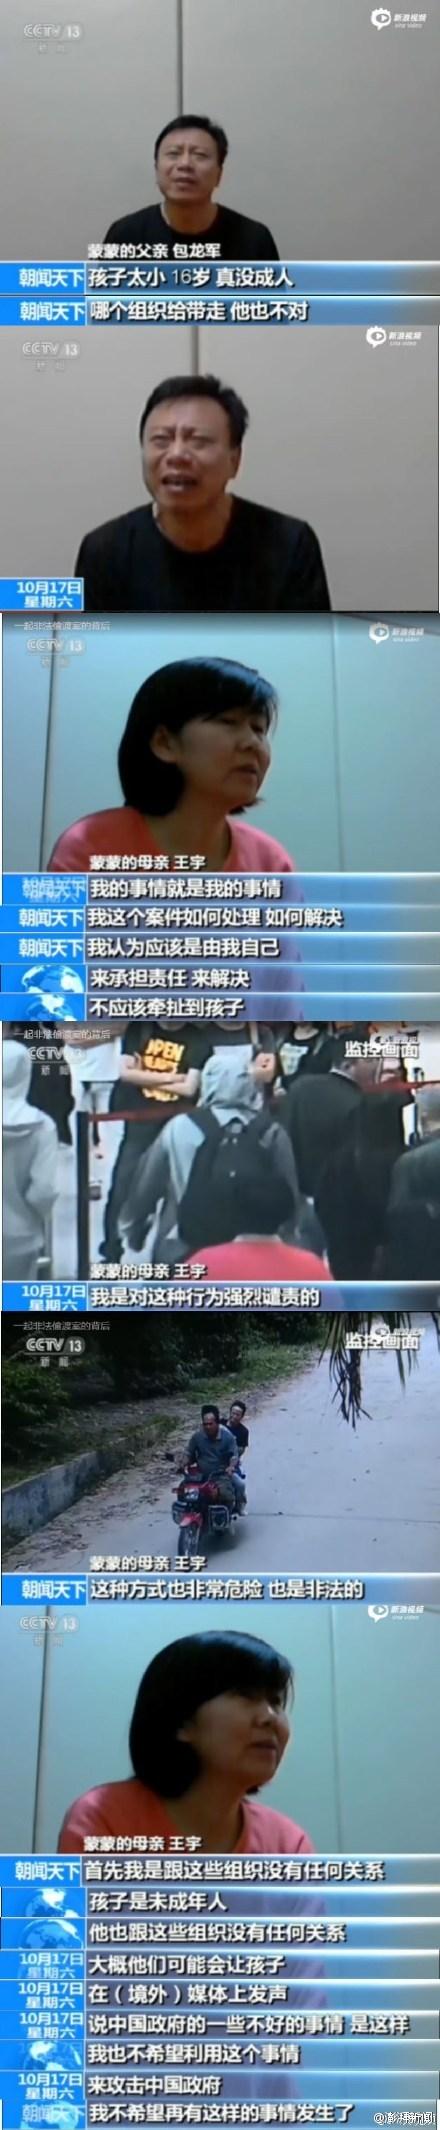 """【网络民议】王宇夫妇上央视""""谴责境外势力"""""""